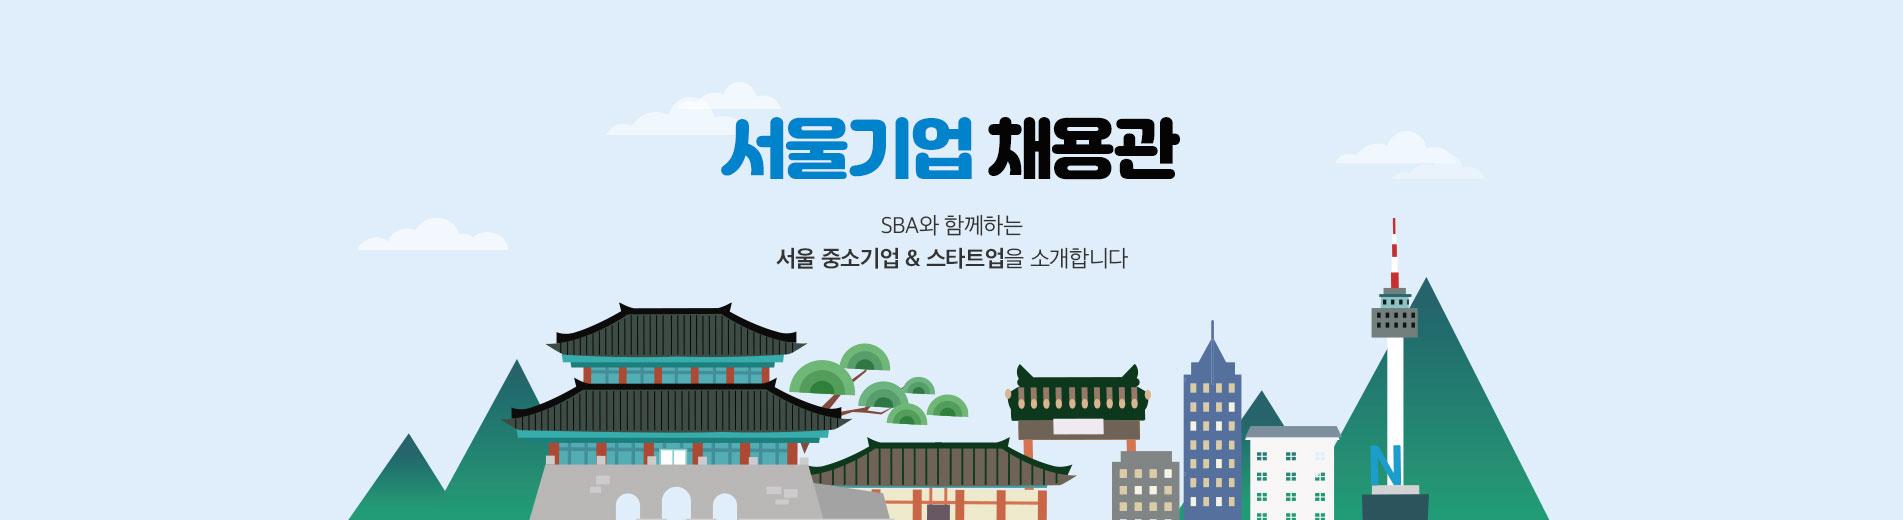 서울기업 채용관